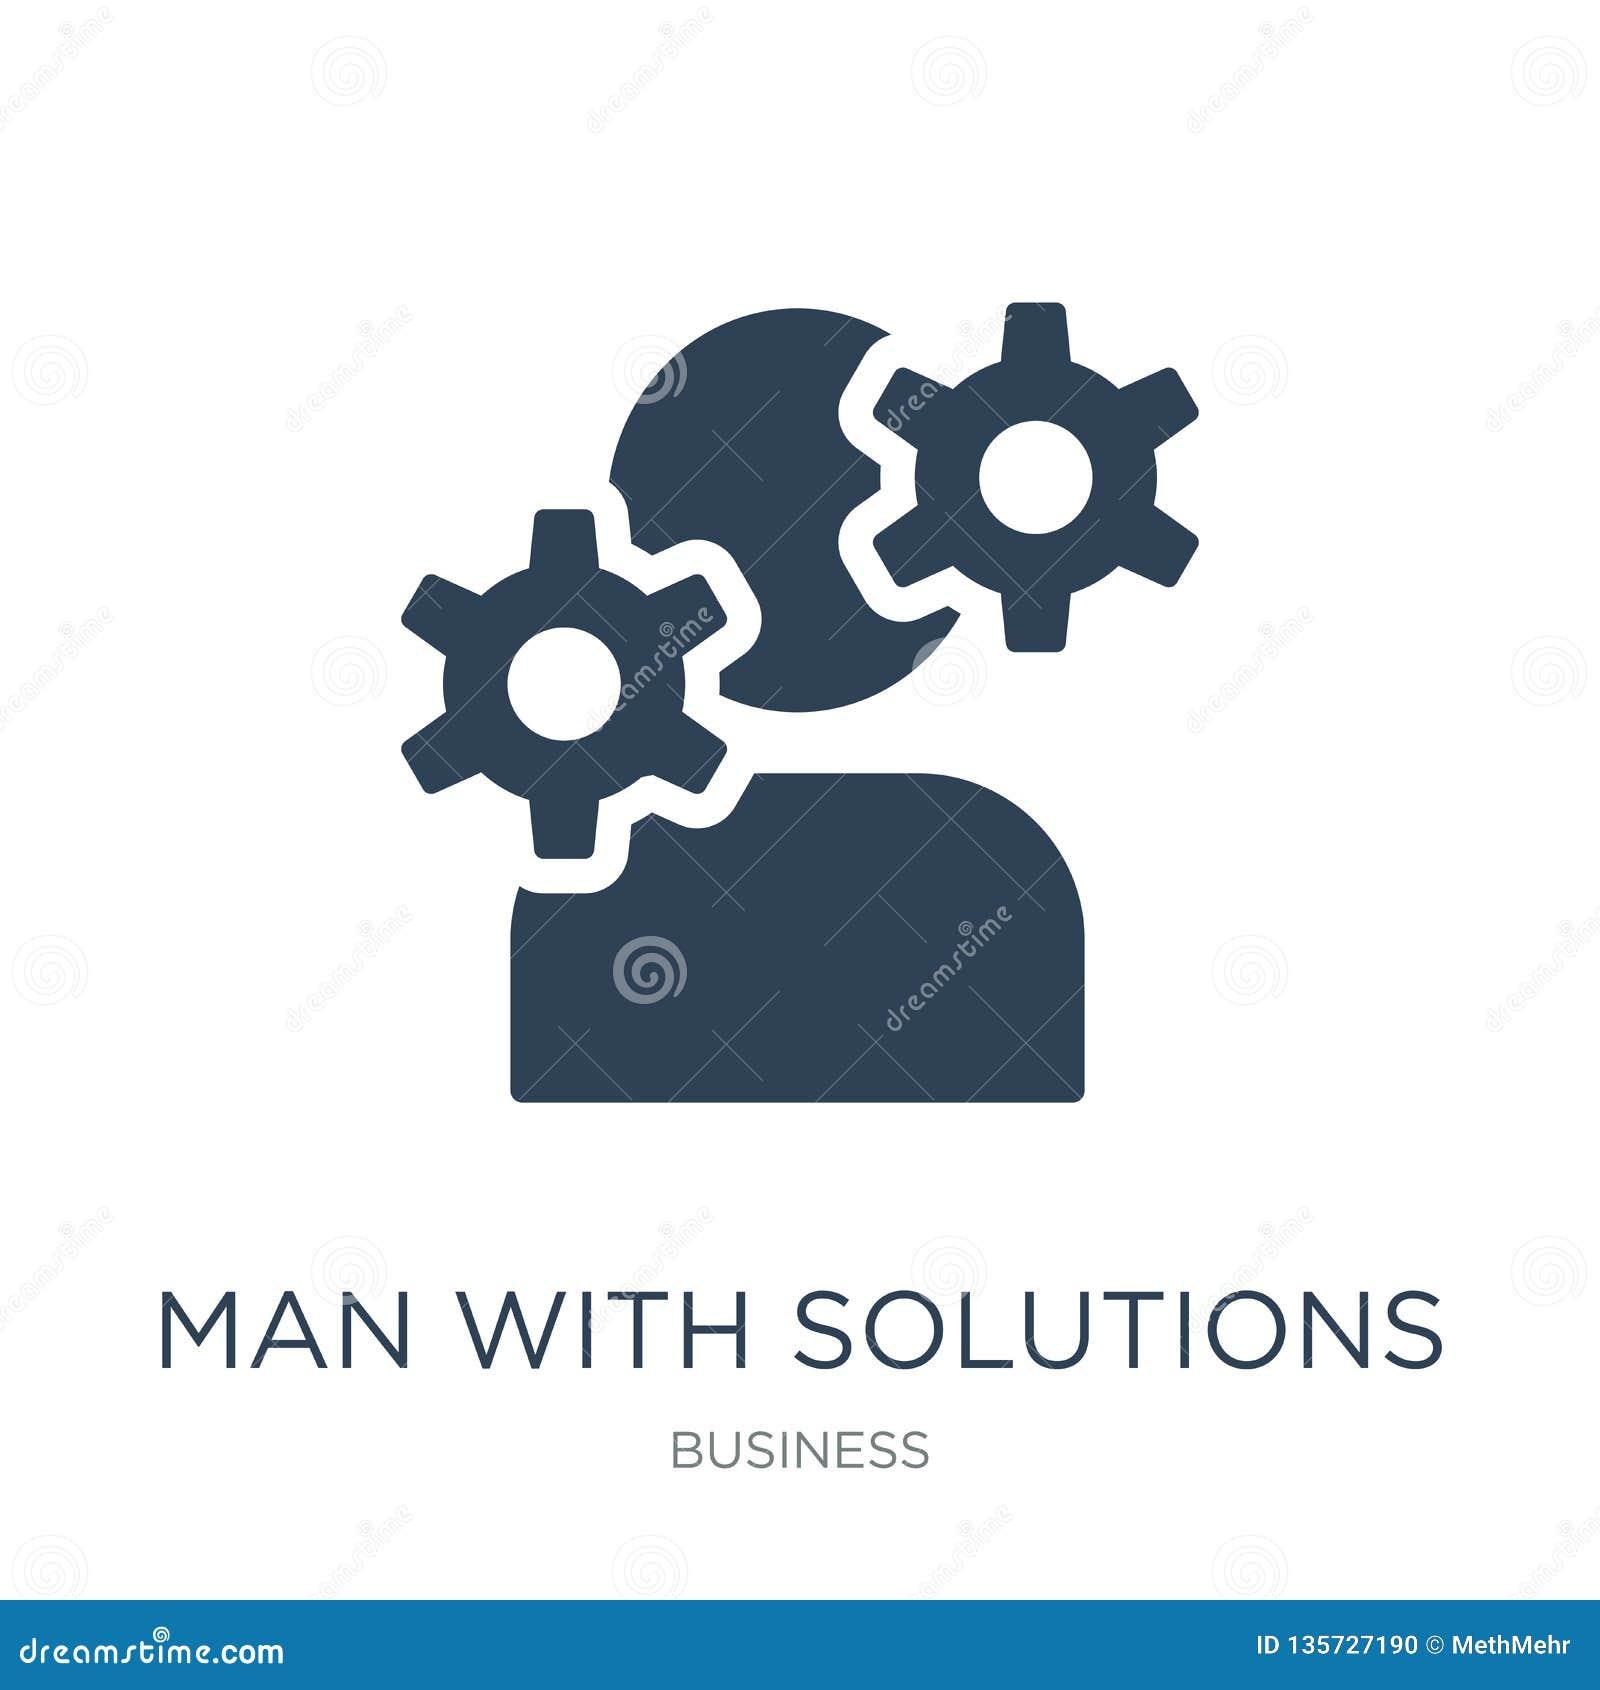 человек со значком решений в ультрамодном стиле дизайна человек со значком решений изолированным на белой предпосылке человек с в